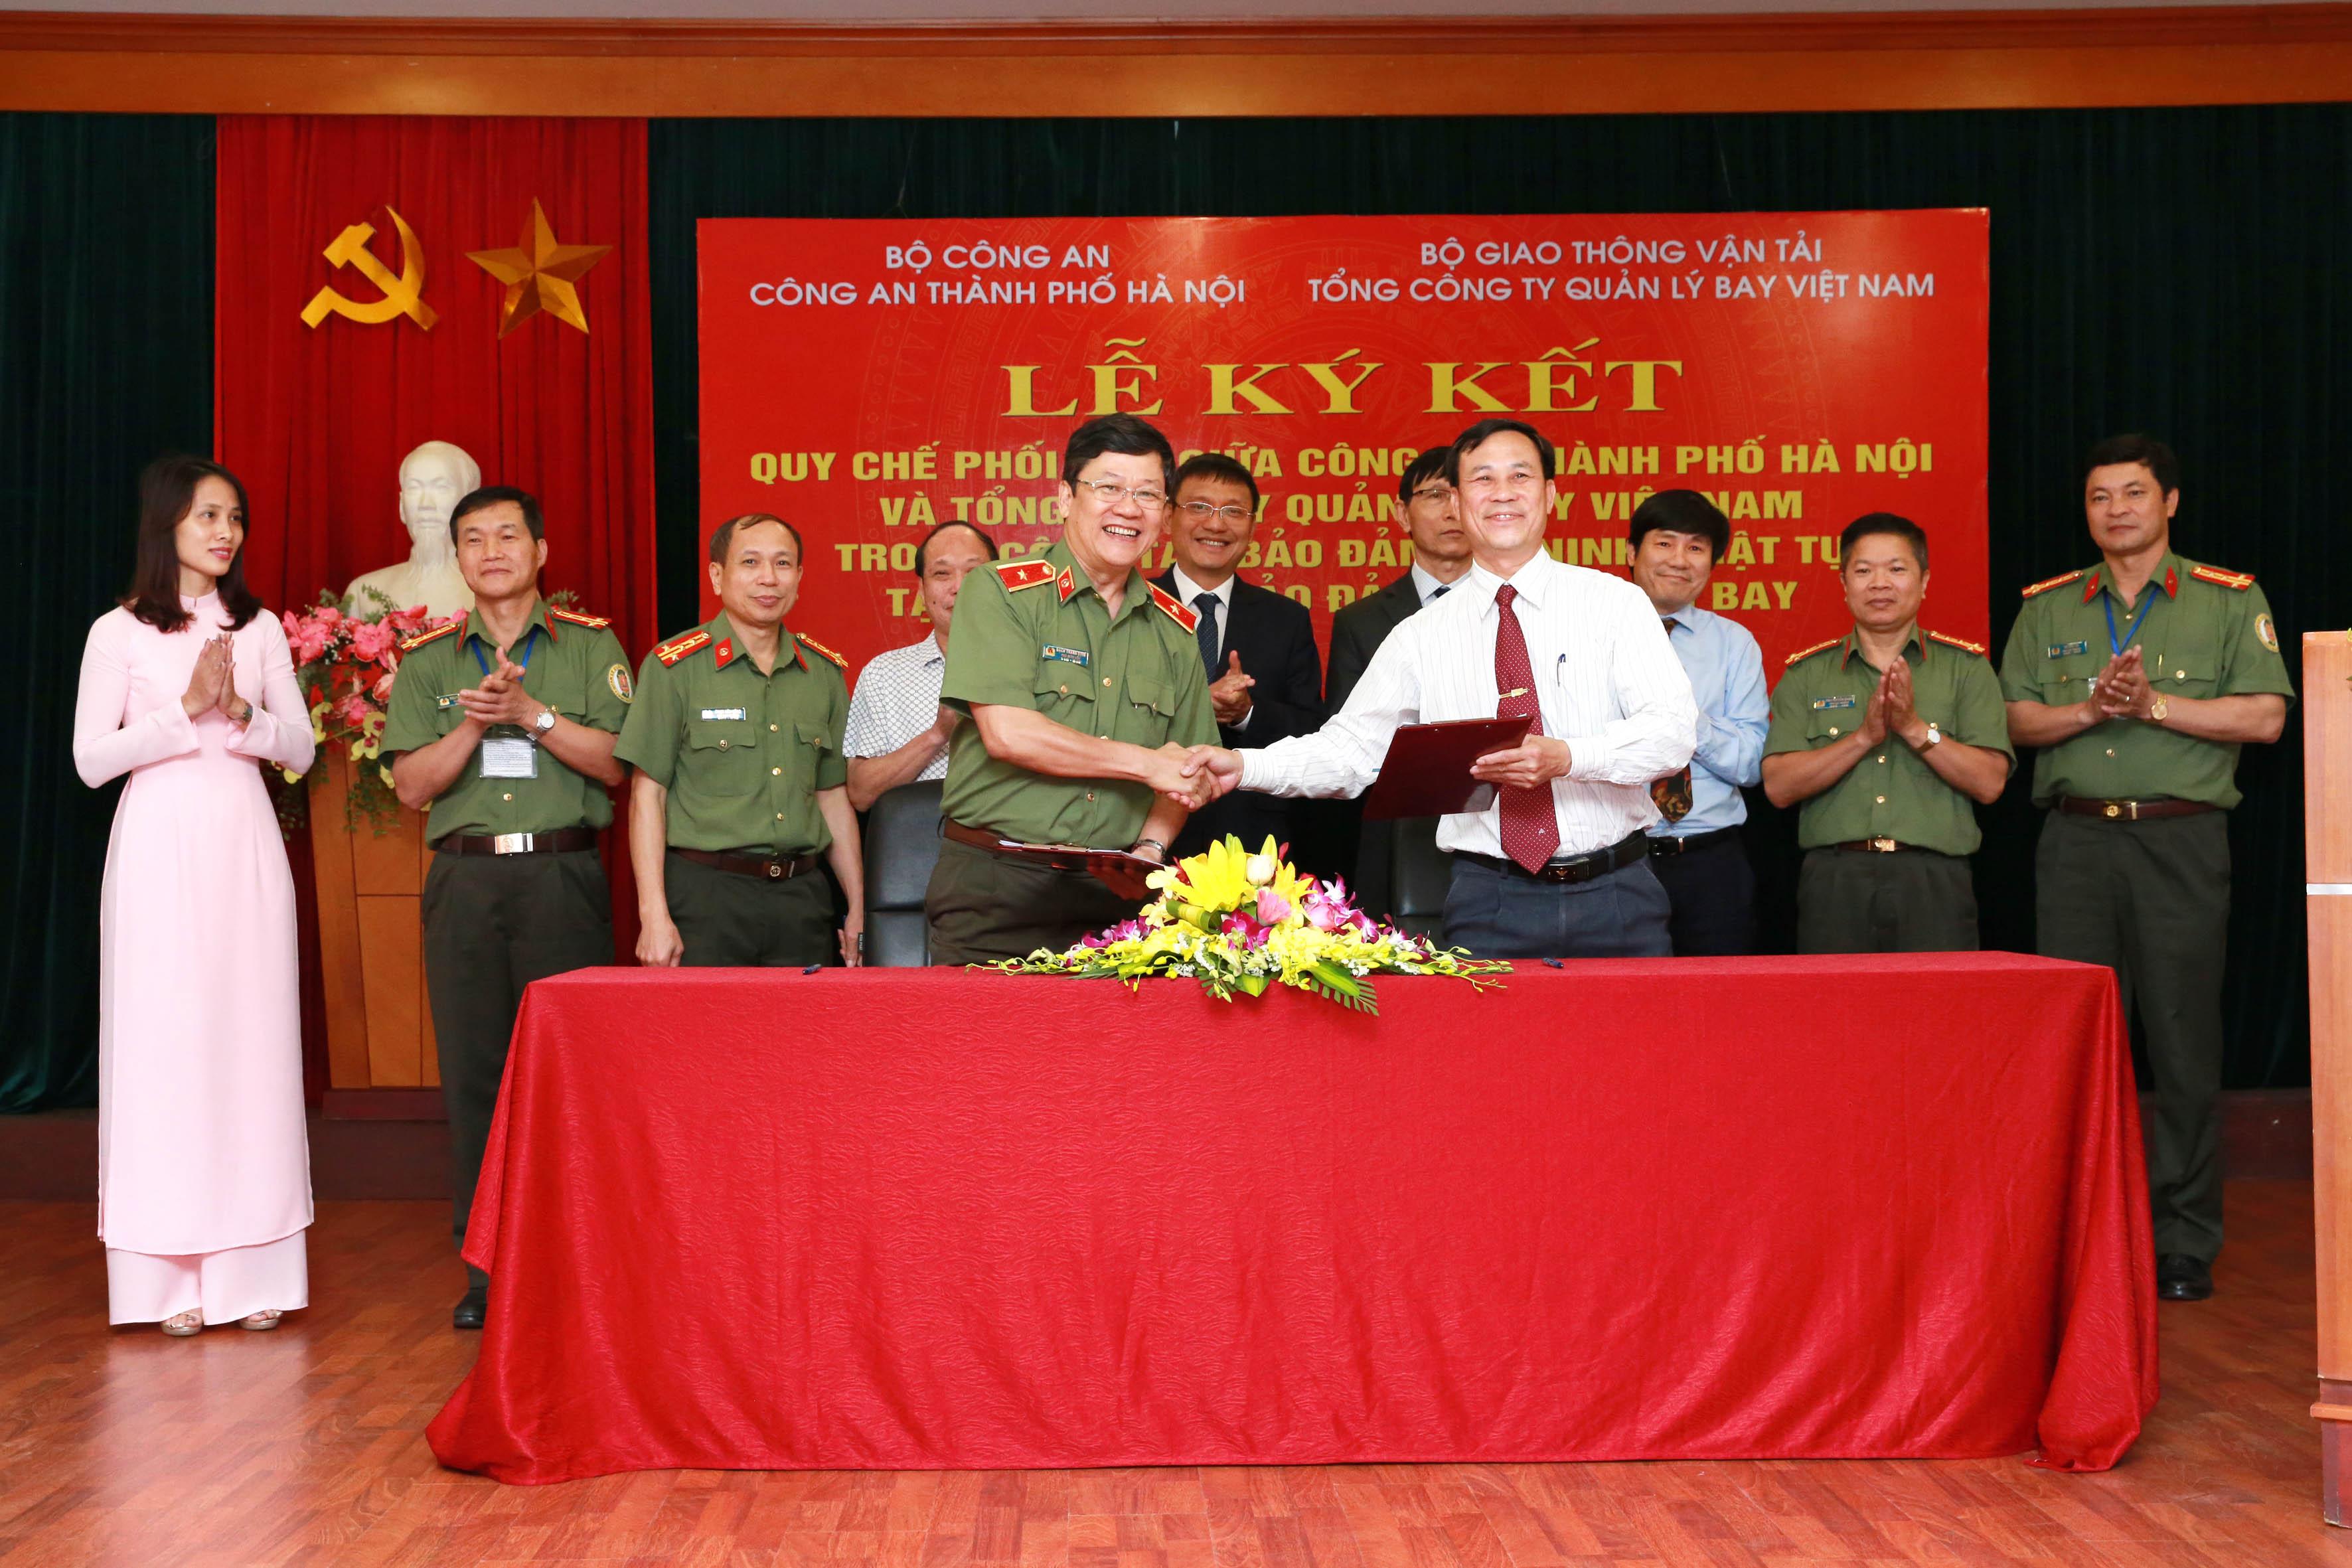 VATM ký kết Quy chế phối hợp với Công an Hà Nội về bảo đảm an ninh, trật tự tại các cơ sở điều hành bay